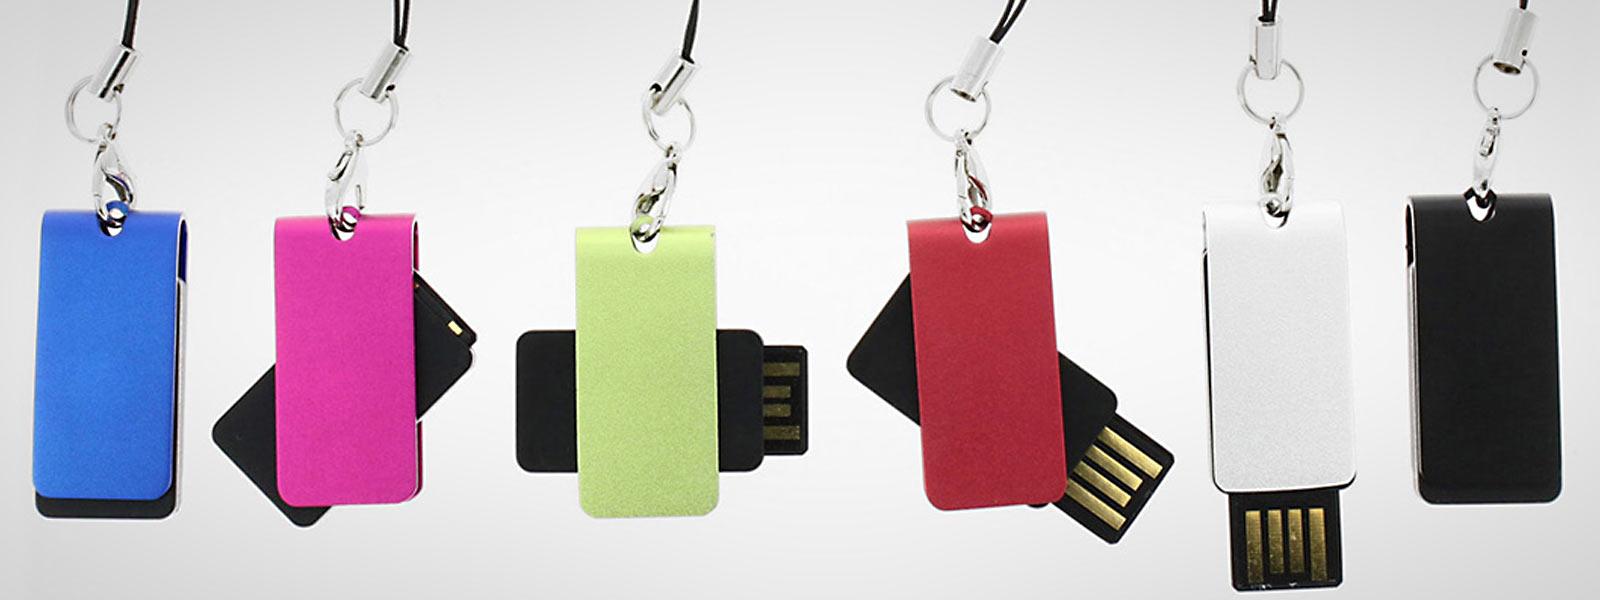 Clefs USB